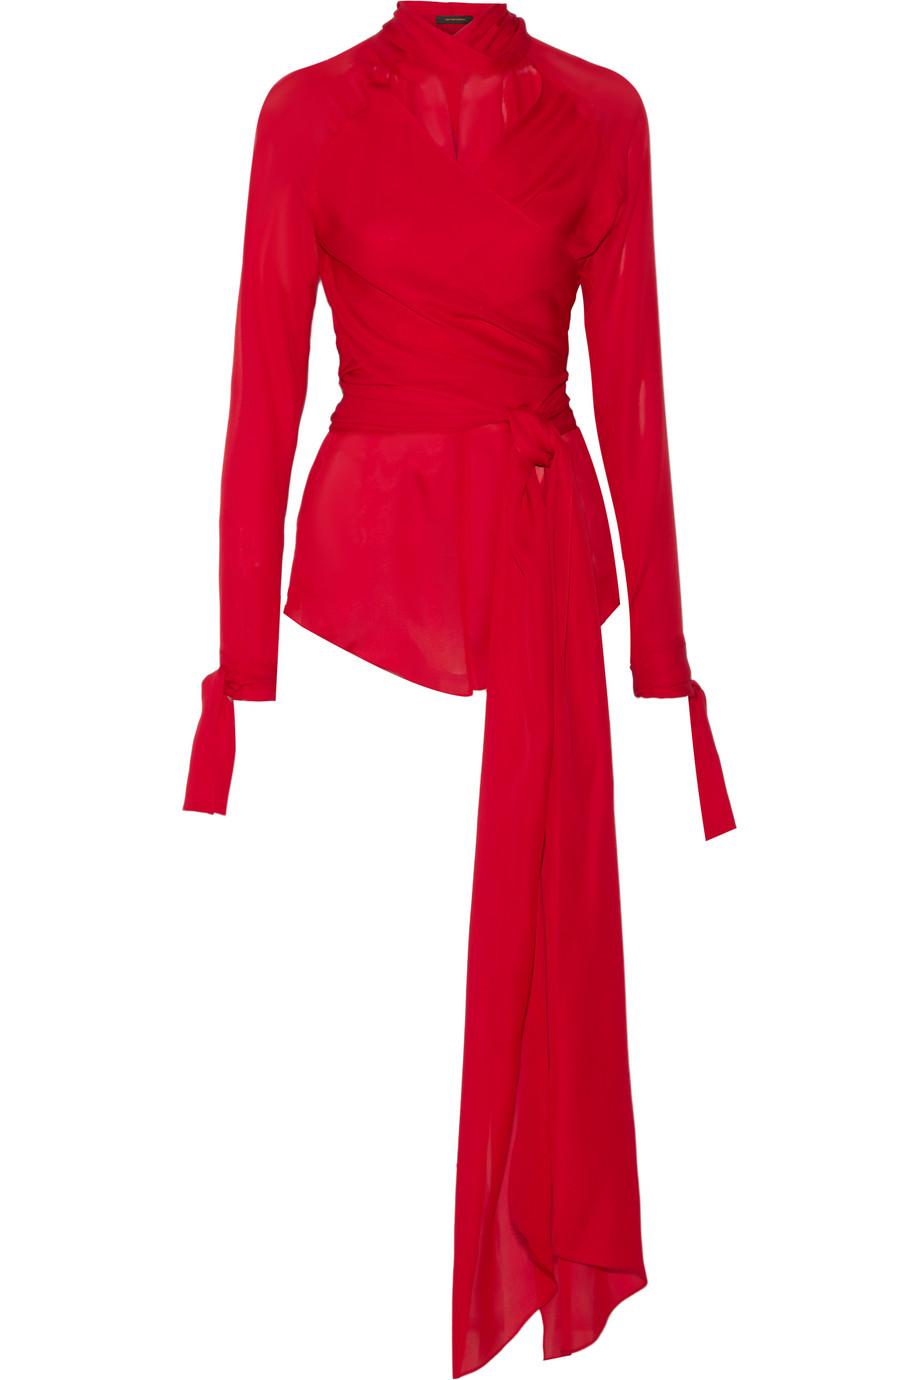 Wrap House Silk-Chiffon Blouse, Crimson, Women's, Size: 2